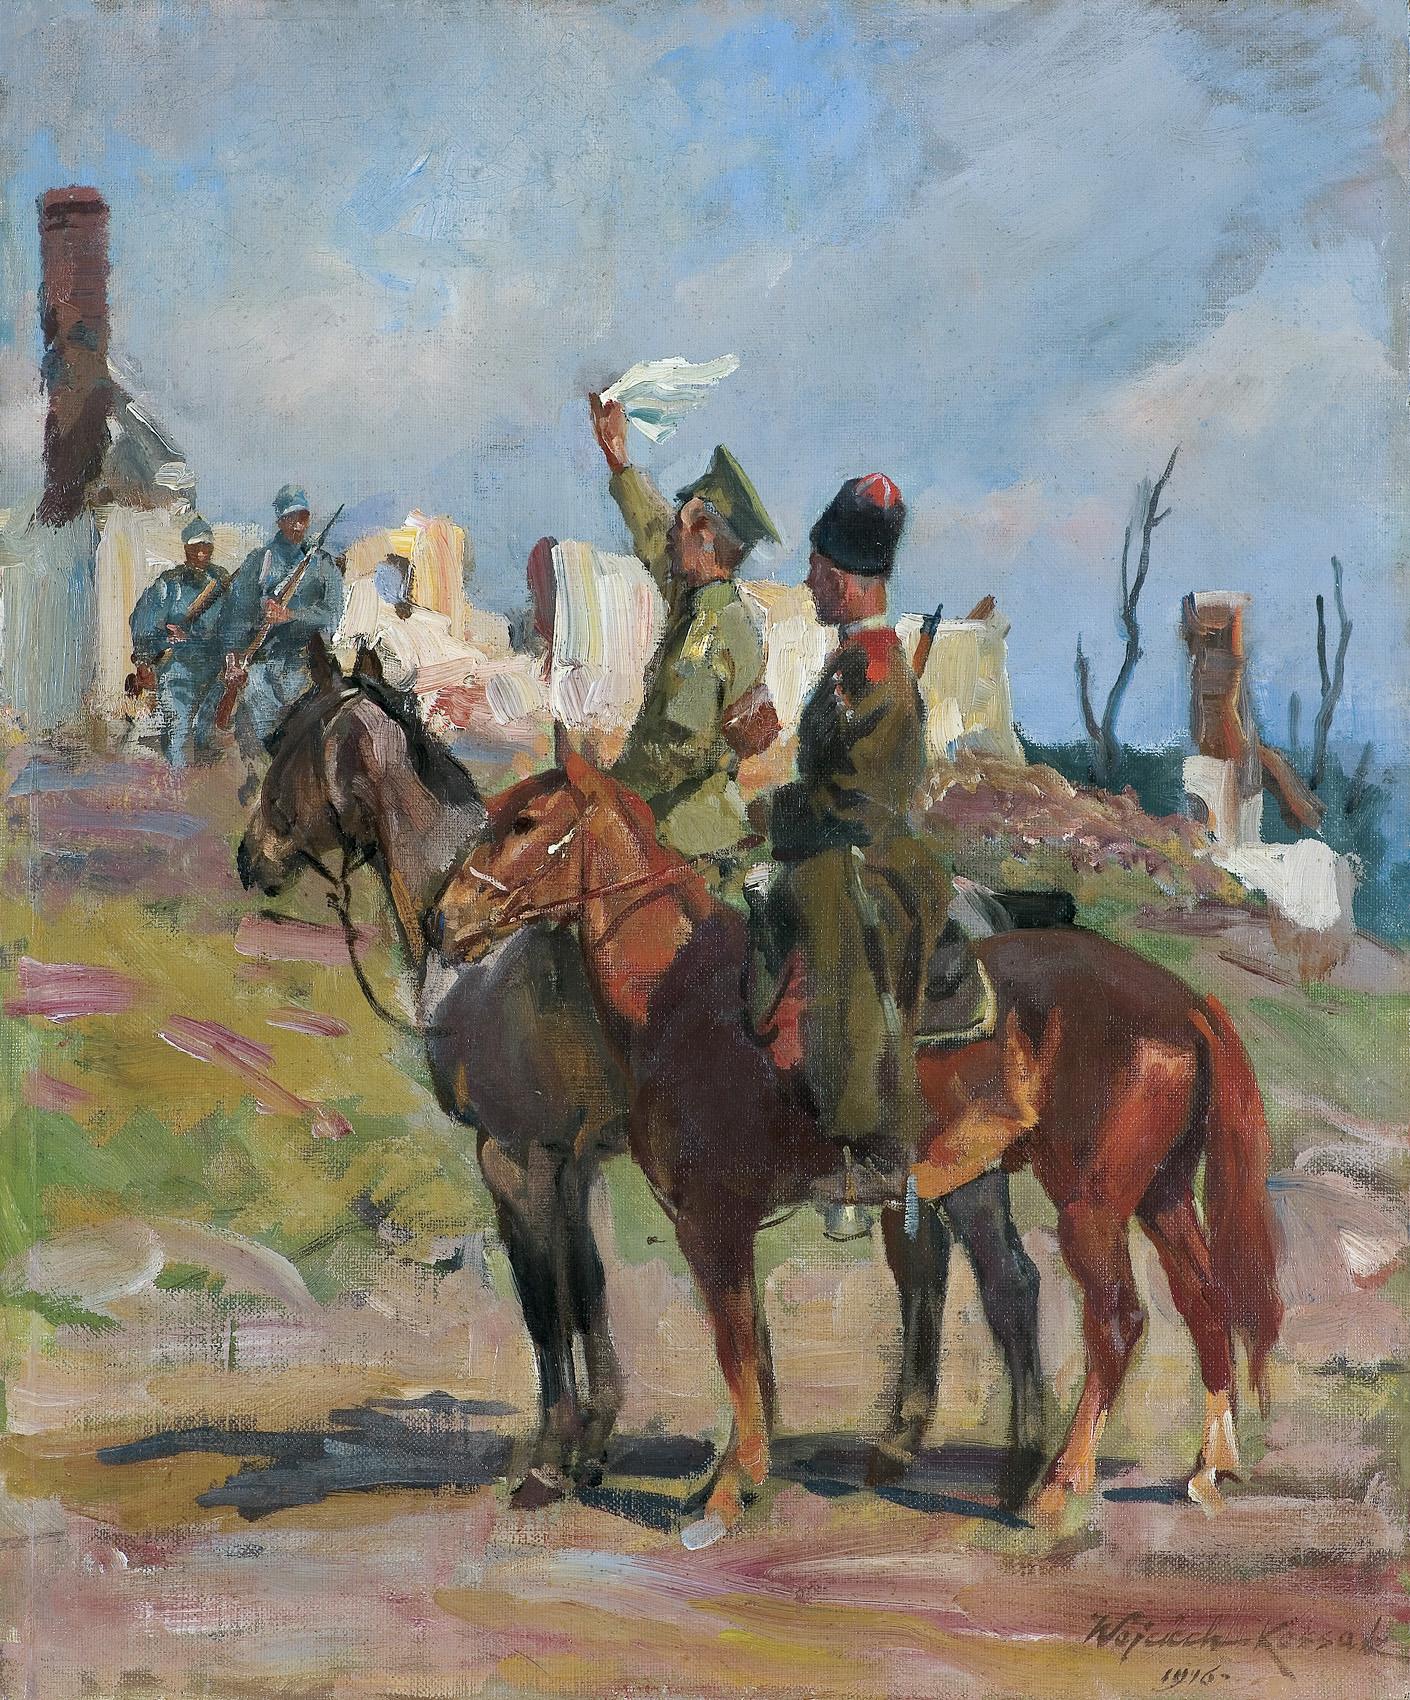 KAPITULACJA, 1916